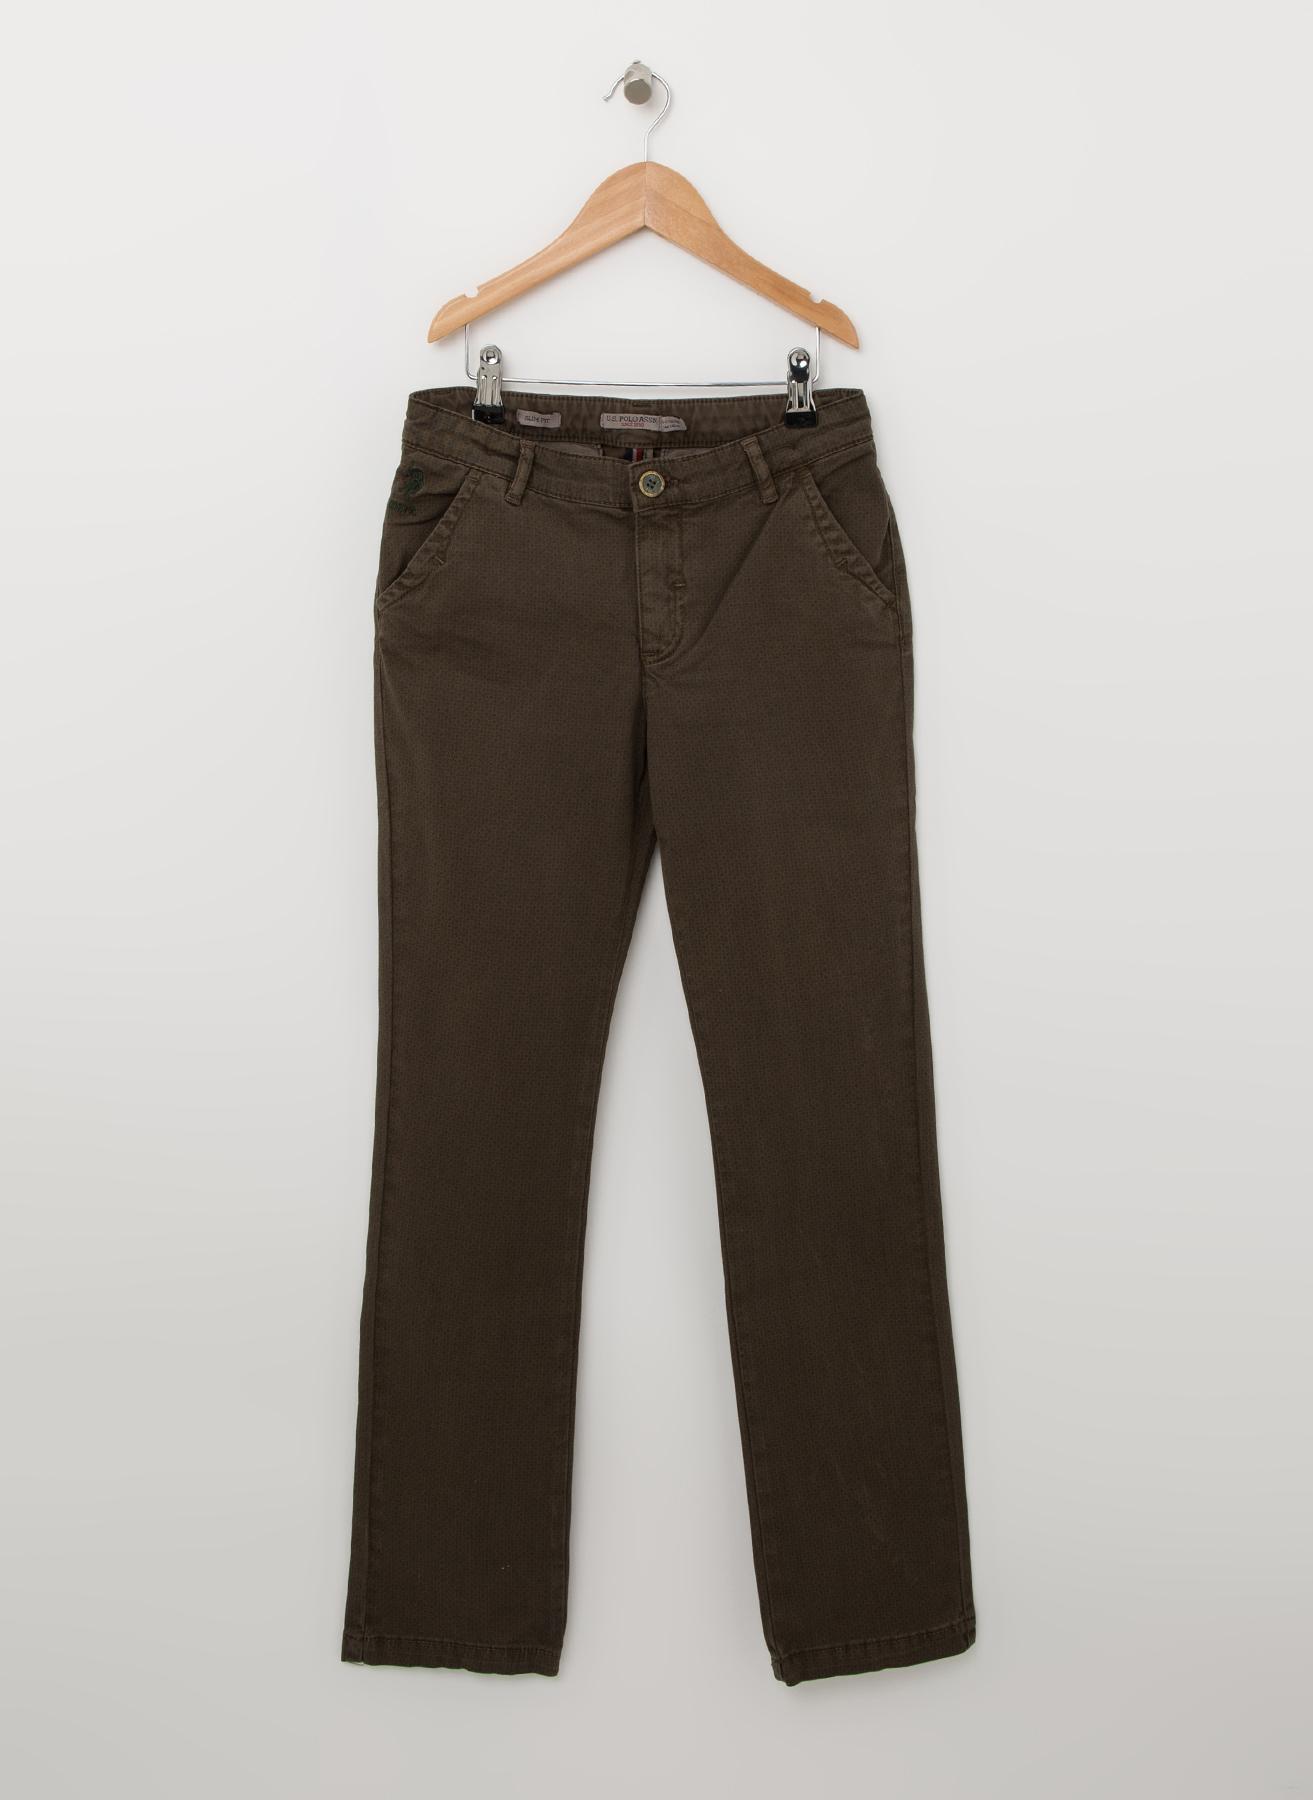 U.S. Polo Assn. Pantolon 12 Yaş 5001704603003 Ürün Resmi